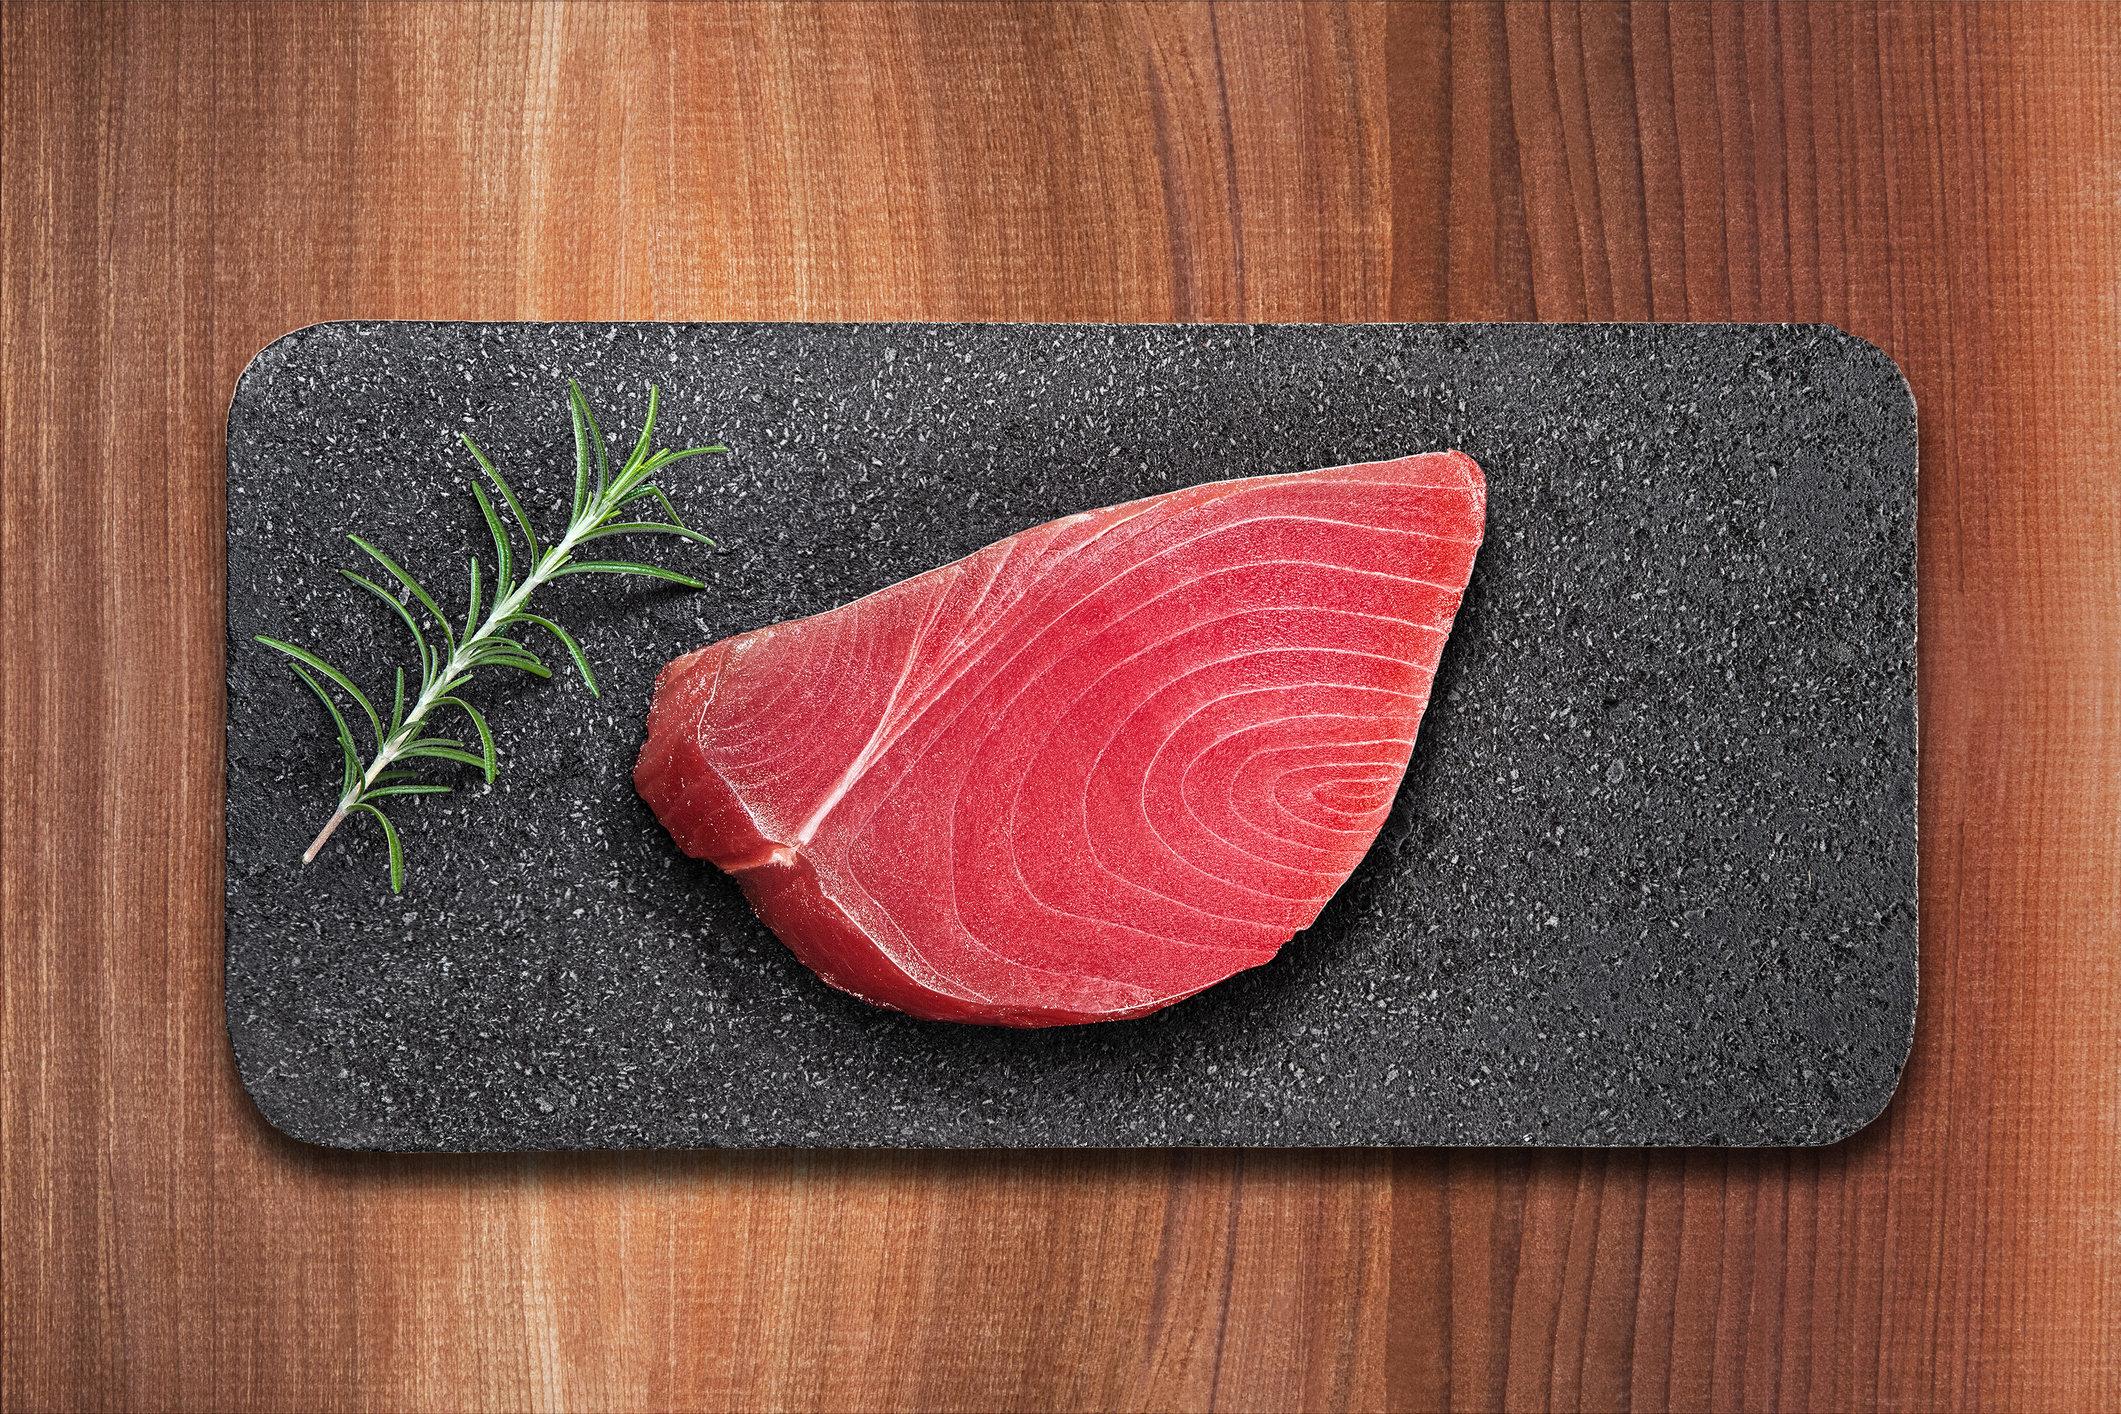 Raw Blufin Tuna